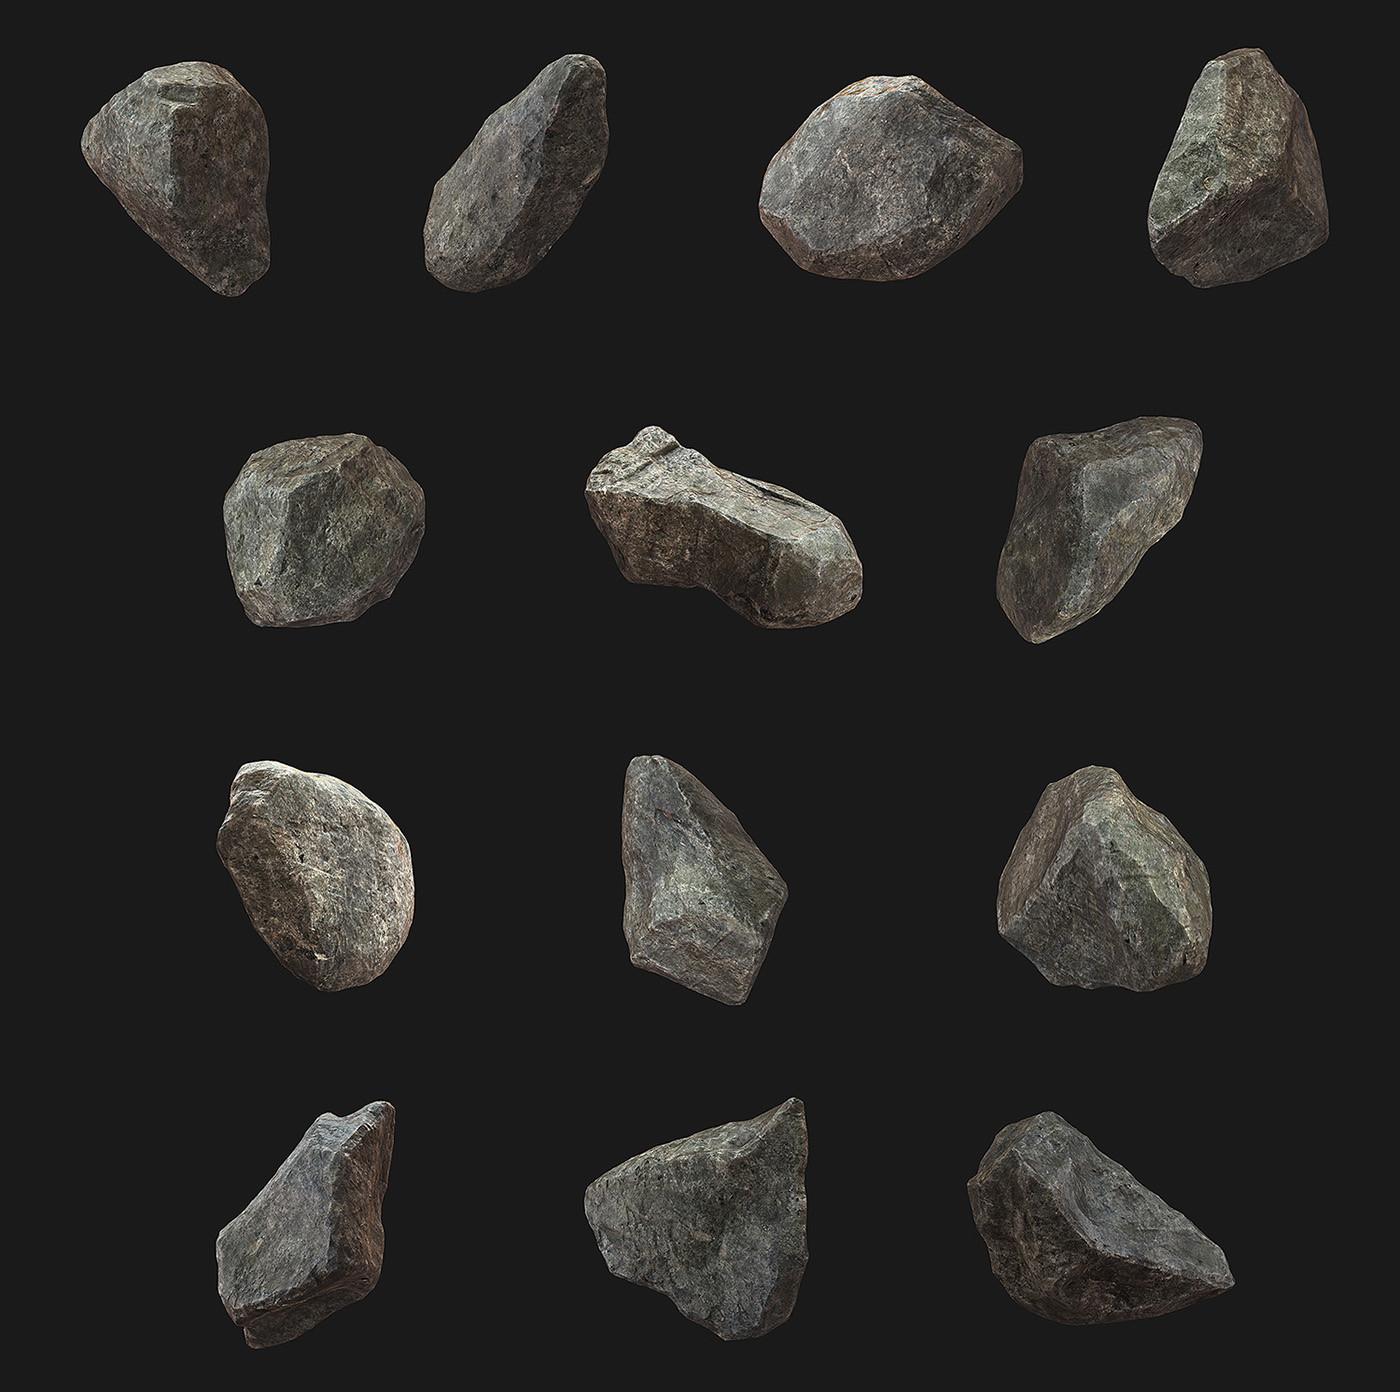 3D Rocks - Sculpted - High poly